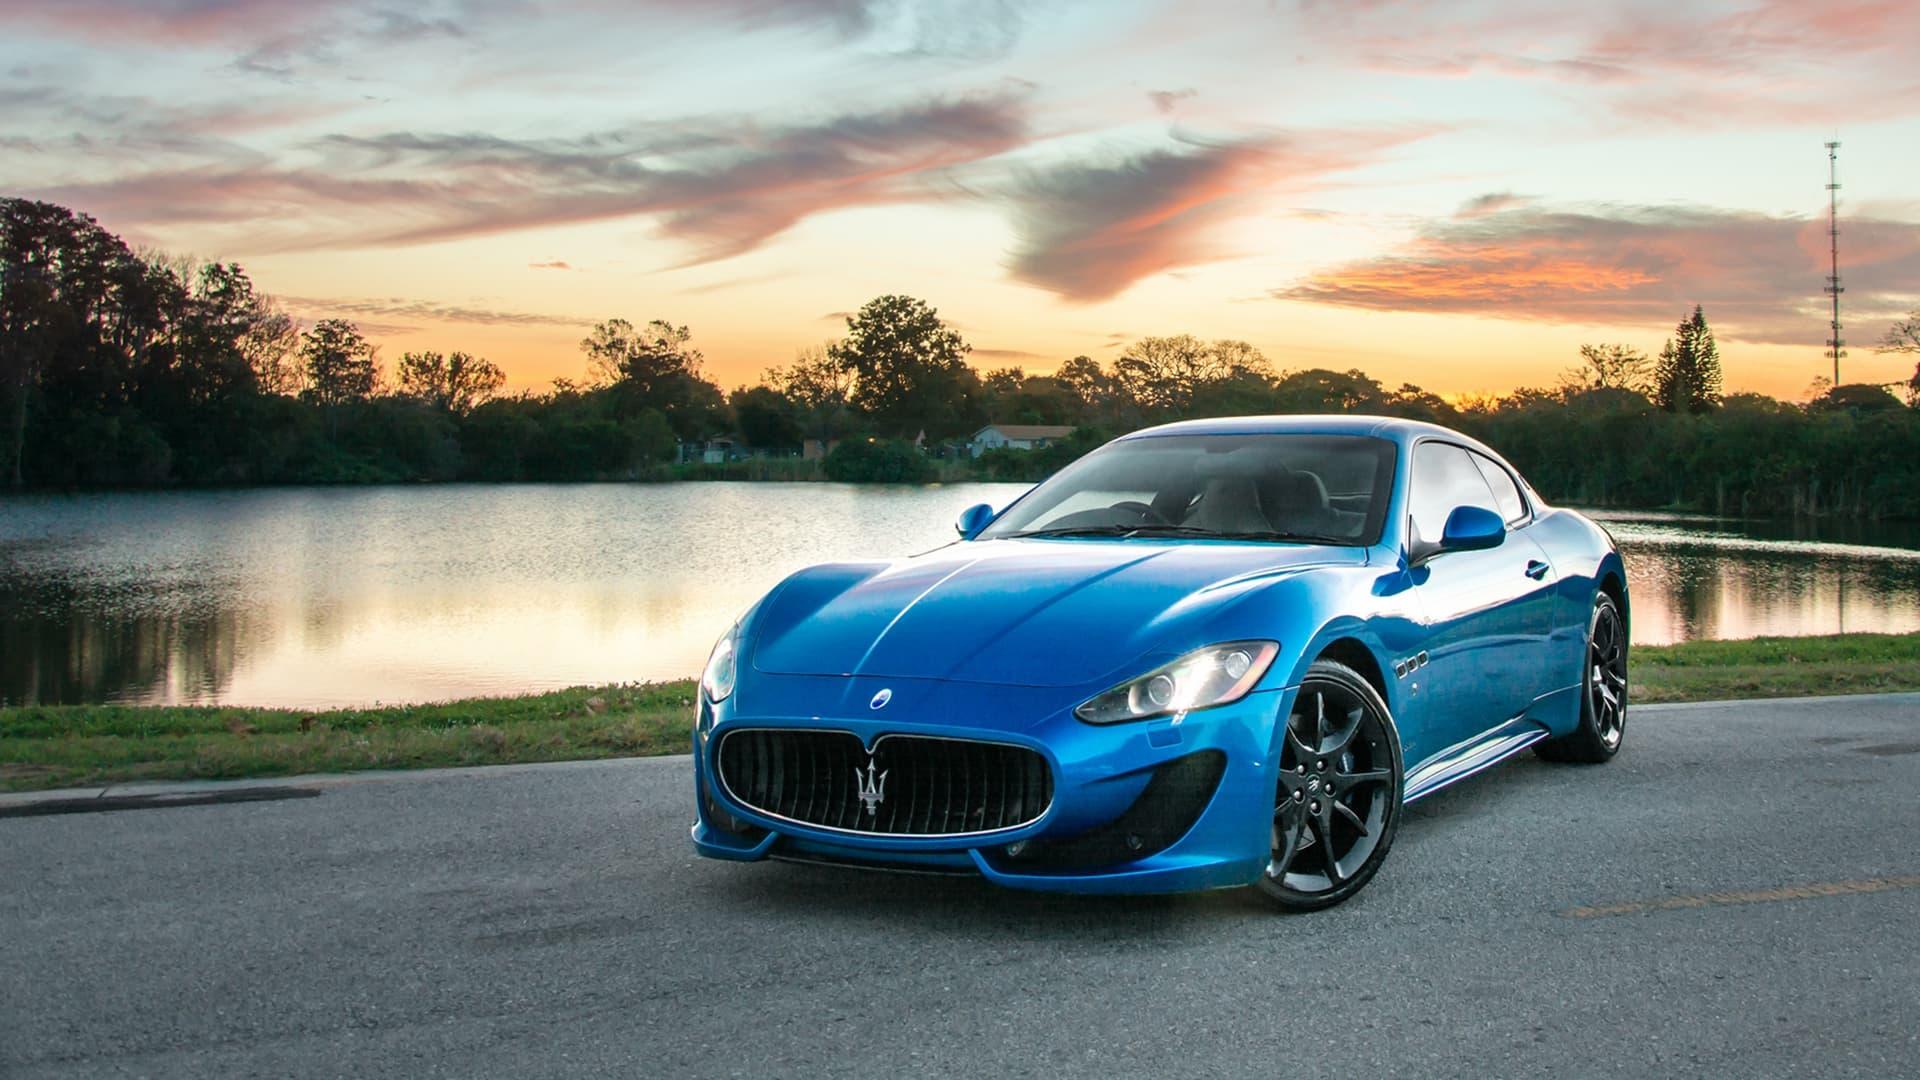 Maserati Hd Wallpapers 1080p